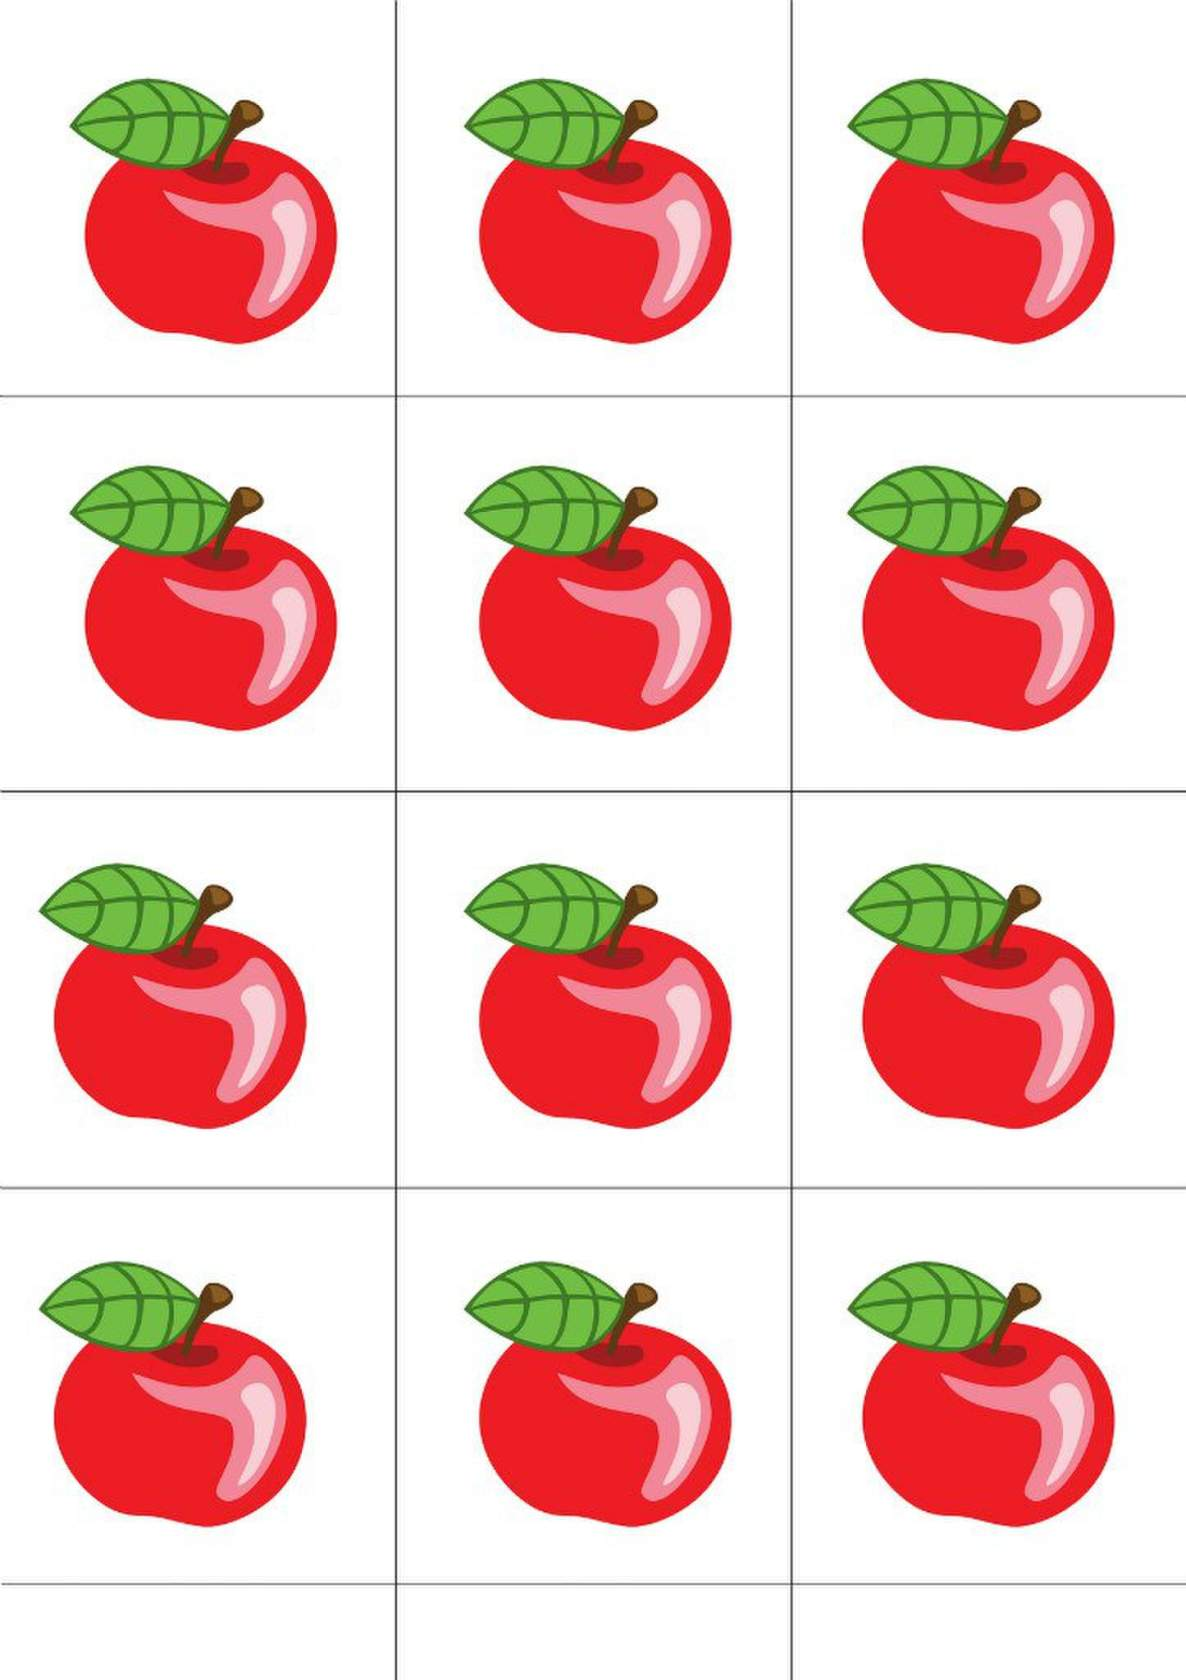 Красивые картинки для счетного материала в детском саду (3)